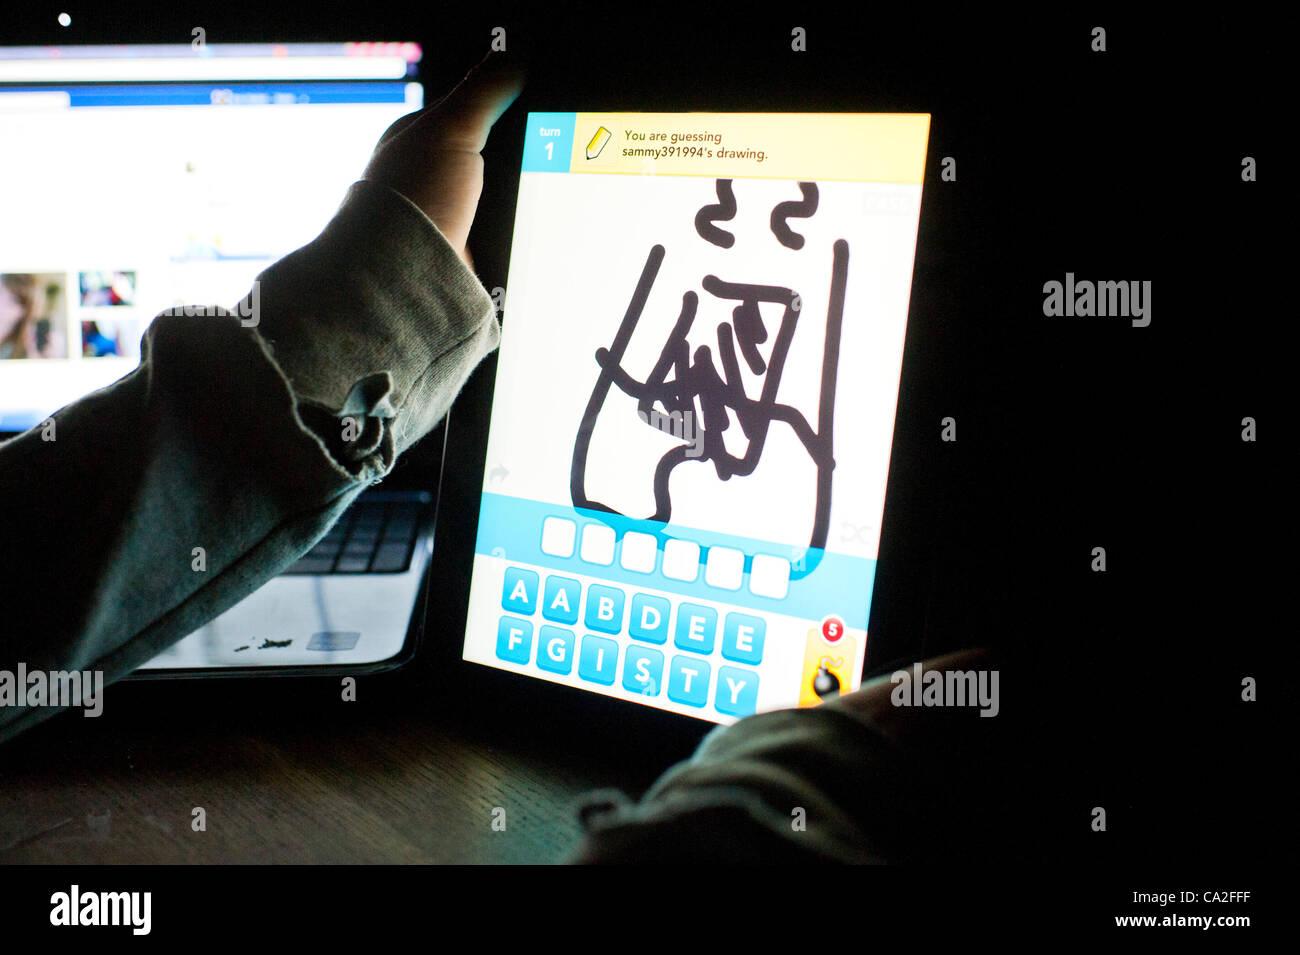 El 25 de marzo de 2012: una niña de 13 años utilizando la app dibujar algo sobre un nuevo Apple iPad 3 Tablet PC. Un pequeño OMGPOP, juegos basados en Nueva York empresa acaba de ser comprada por $180m (£113m) después de lanzar la app que fue descargado 35 millones de veces en las últimas seis semanas. Foto de stock